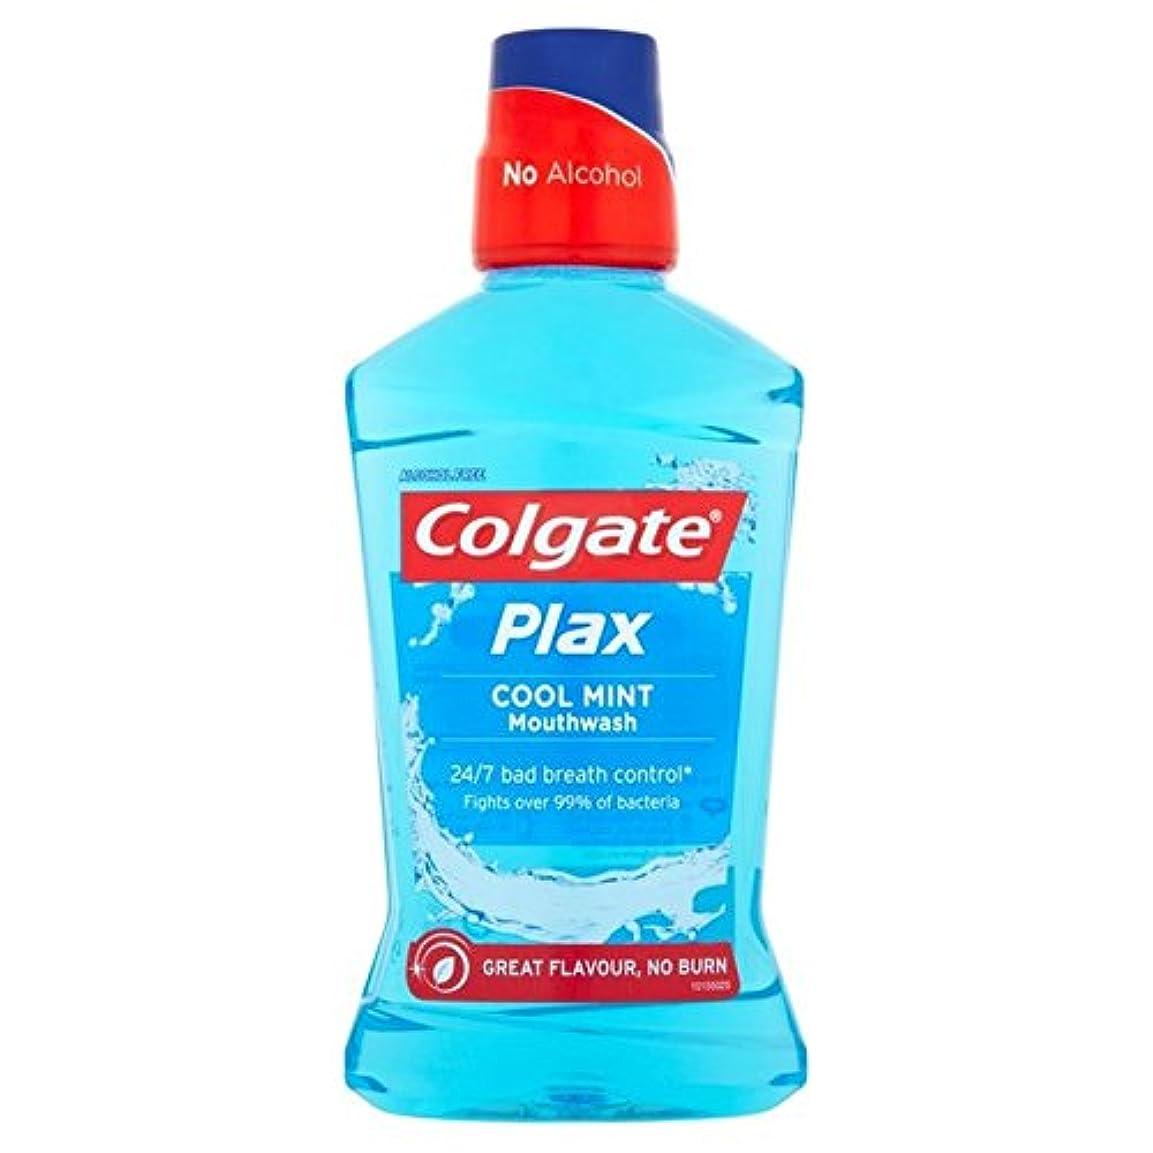 コルゲートクールなブルーのマウスウォッシュ500ミリリットル x4 - Colgate Plax Cool Blue Mouthwash 500ml (Pack of 4) [並行輸入品]